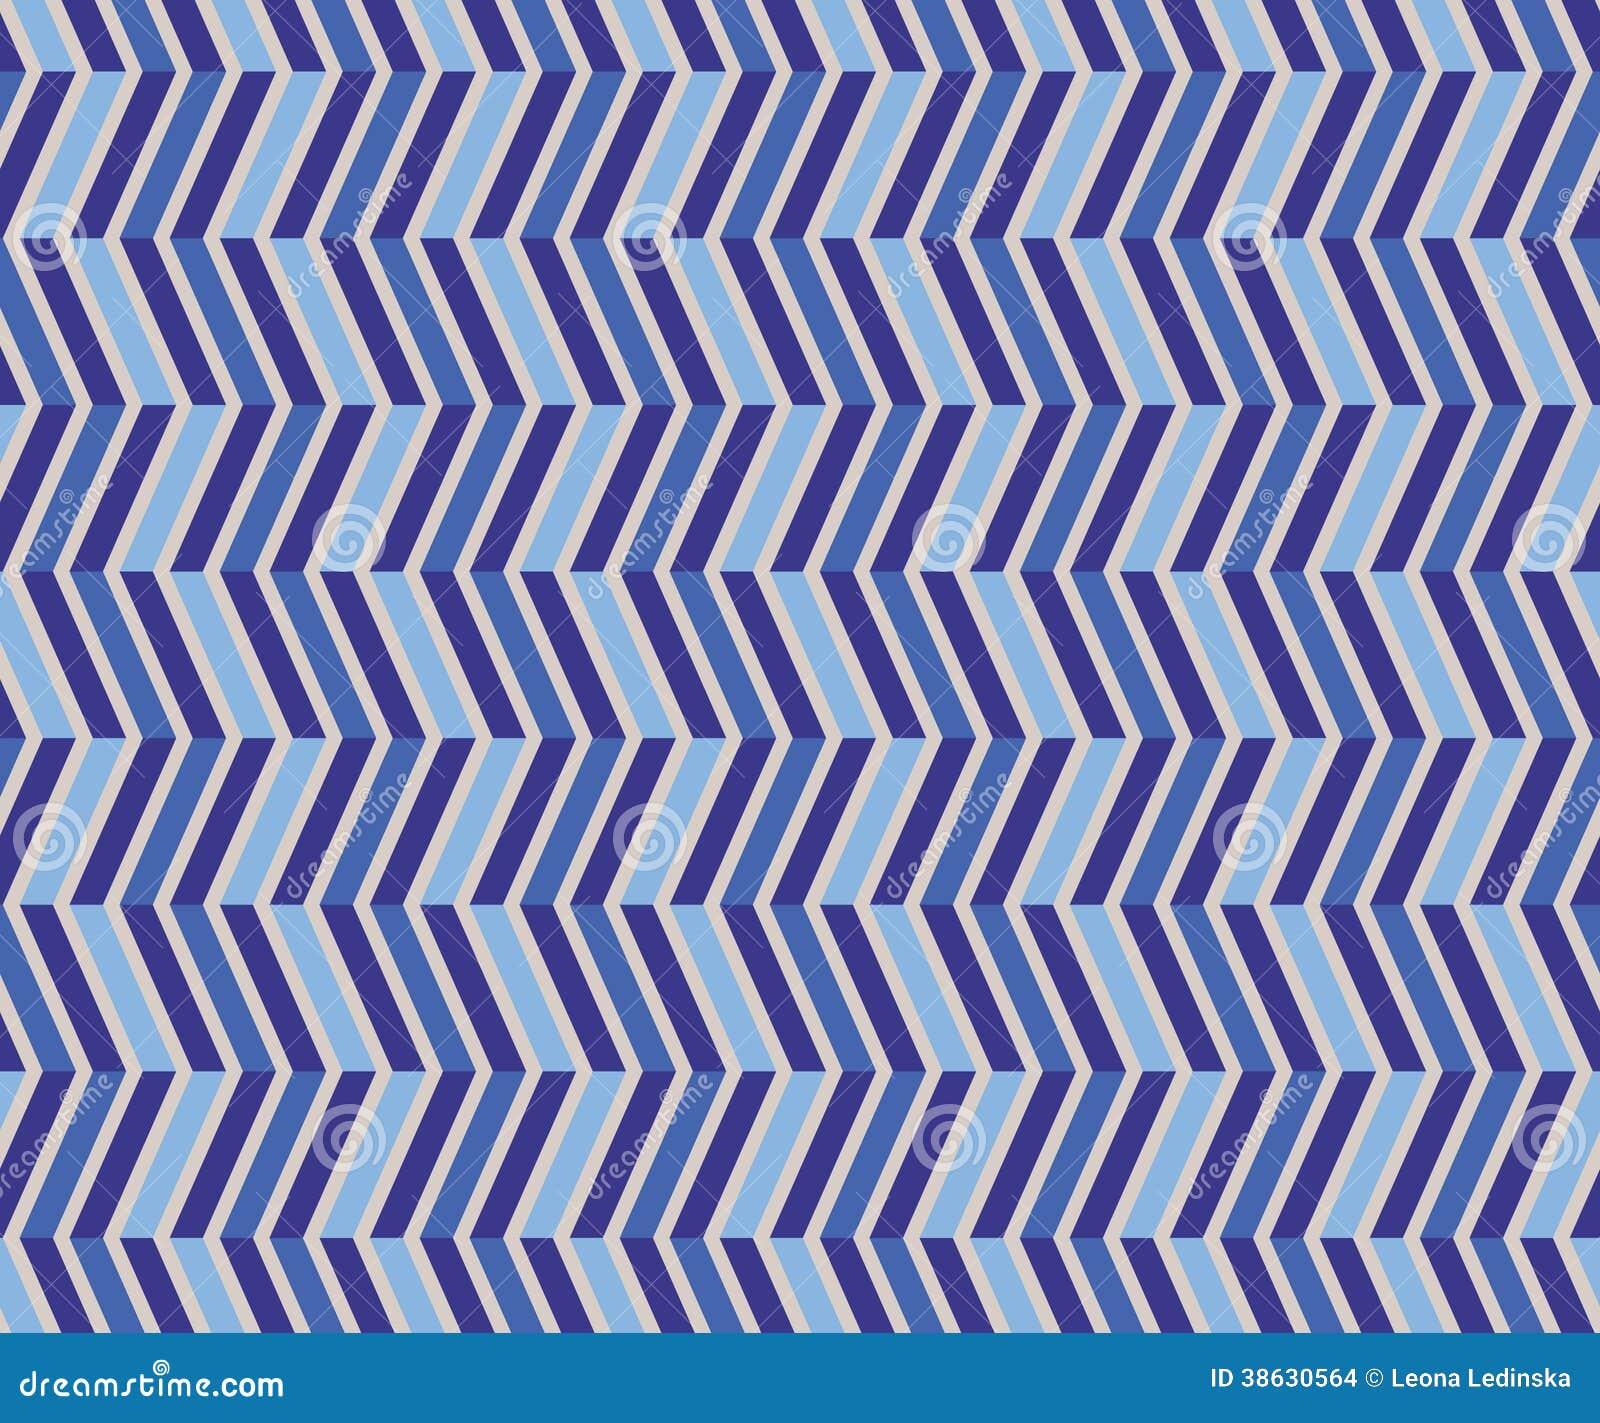 zig zag blue seamless pattern stock images image 38630564. Black Bedroom Furniture Sets. Home Design Ideas